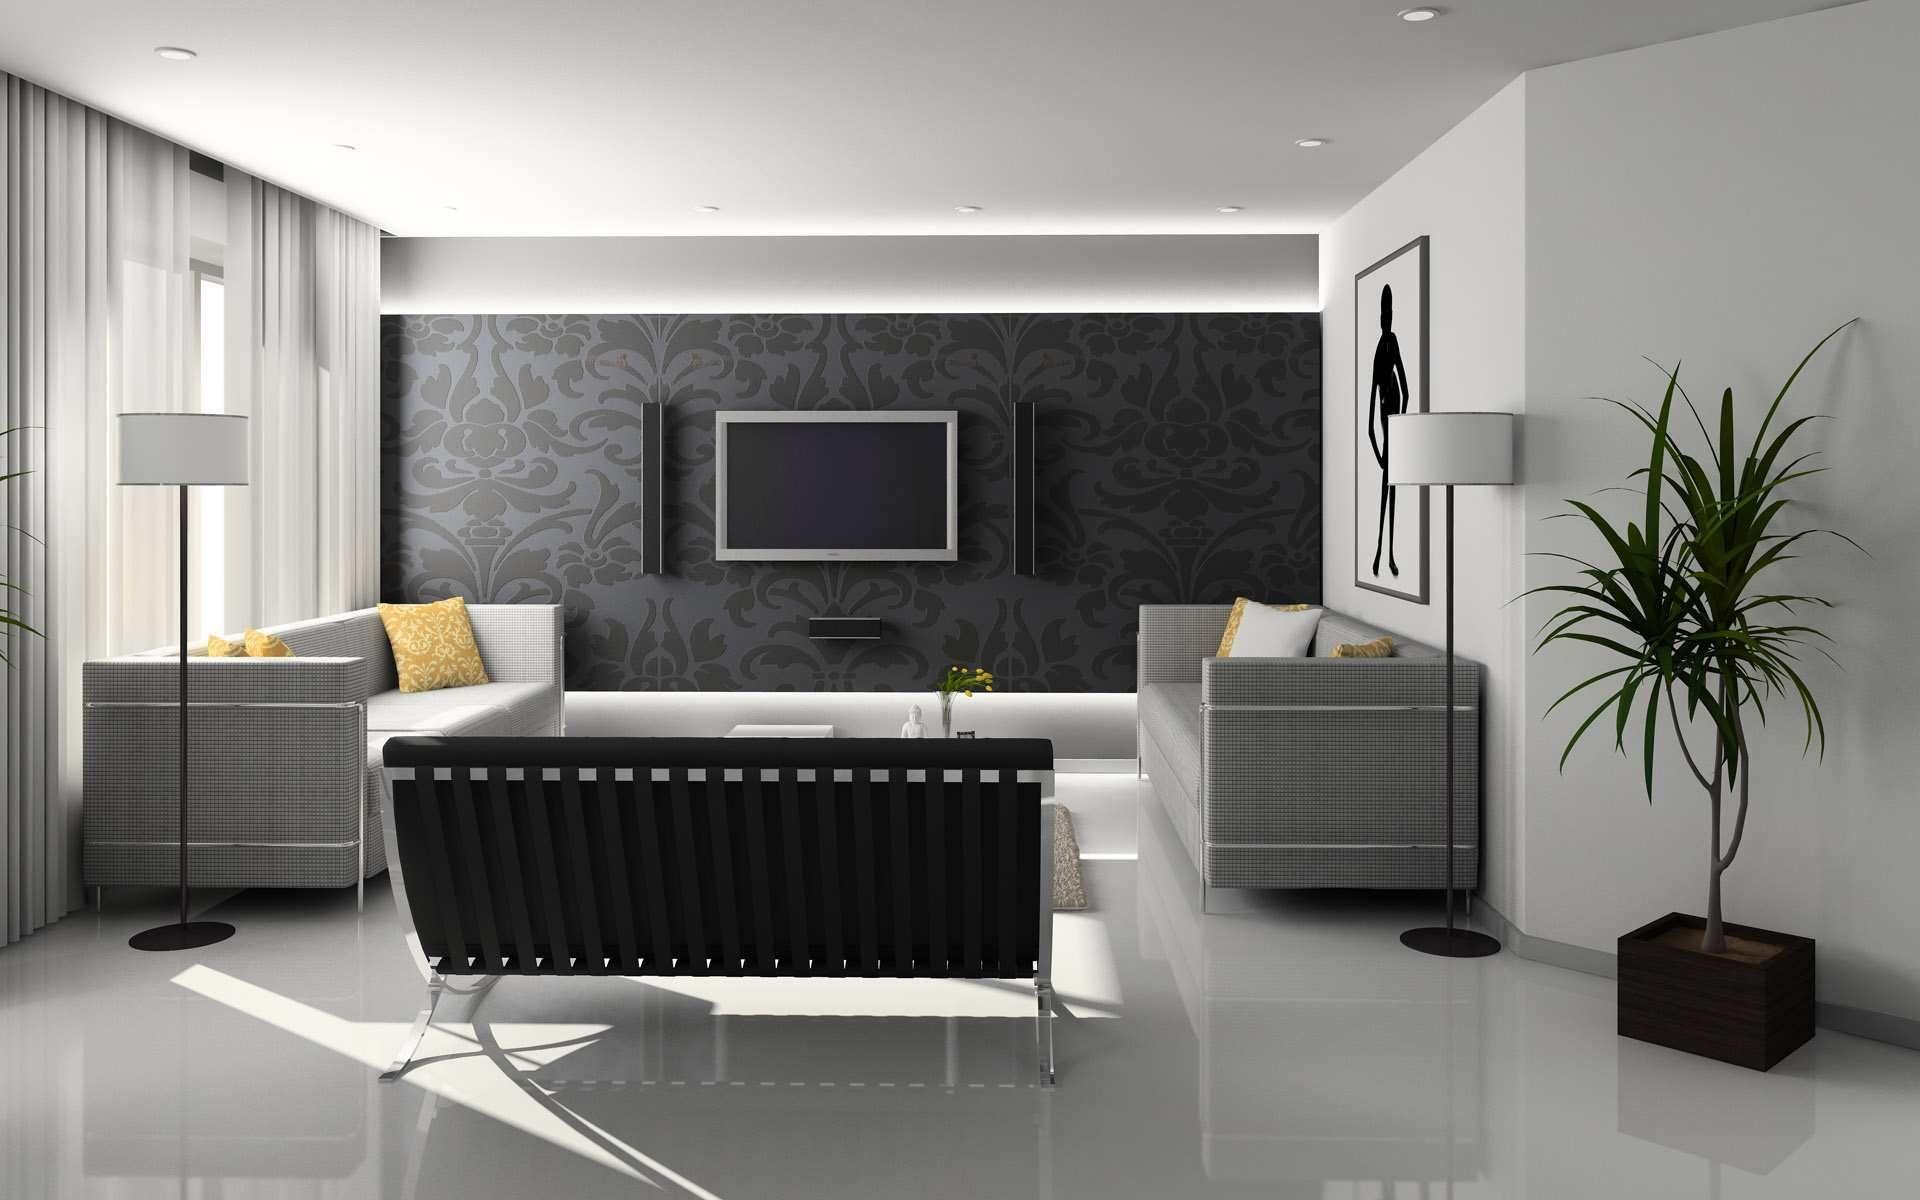 Freenom World Best Home Interior Design House Interior Contemporary Living Room